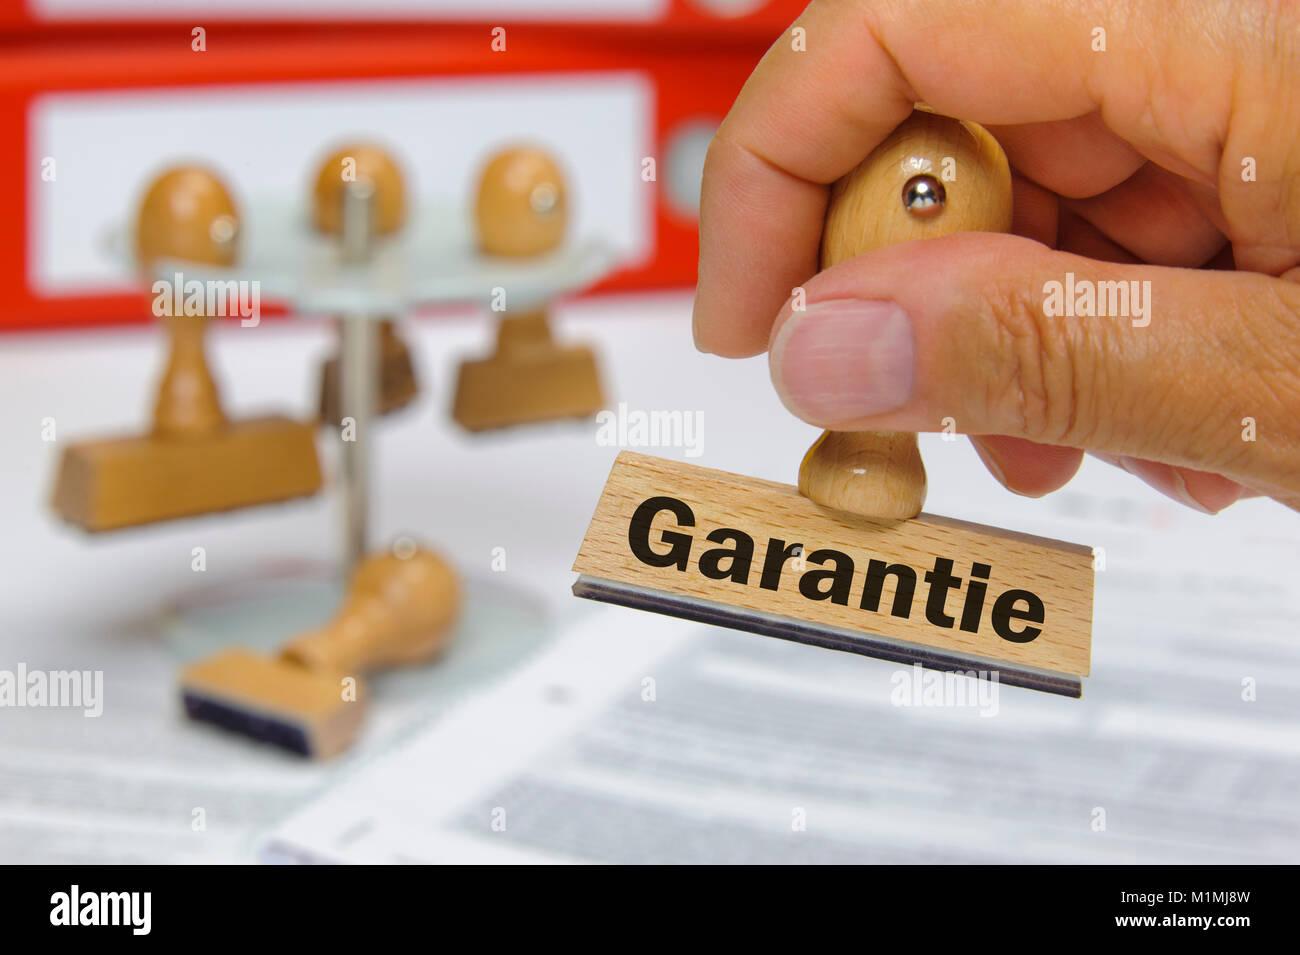 Stempel mit Aufdruck Garantie - Stock Image